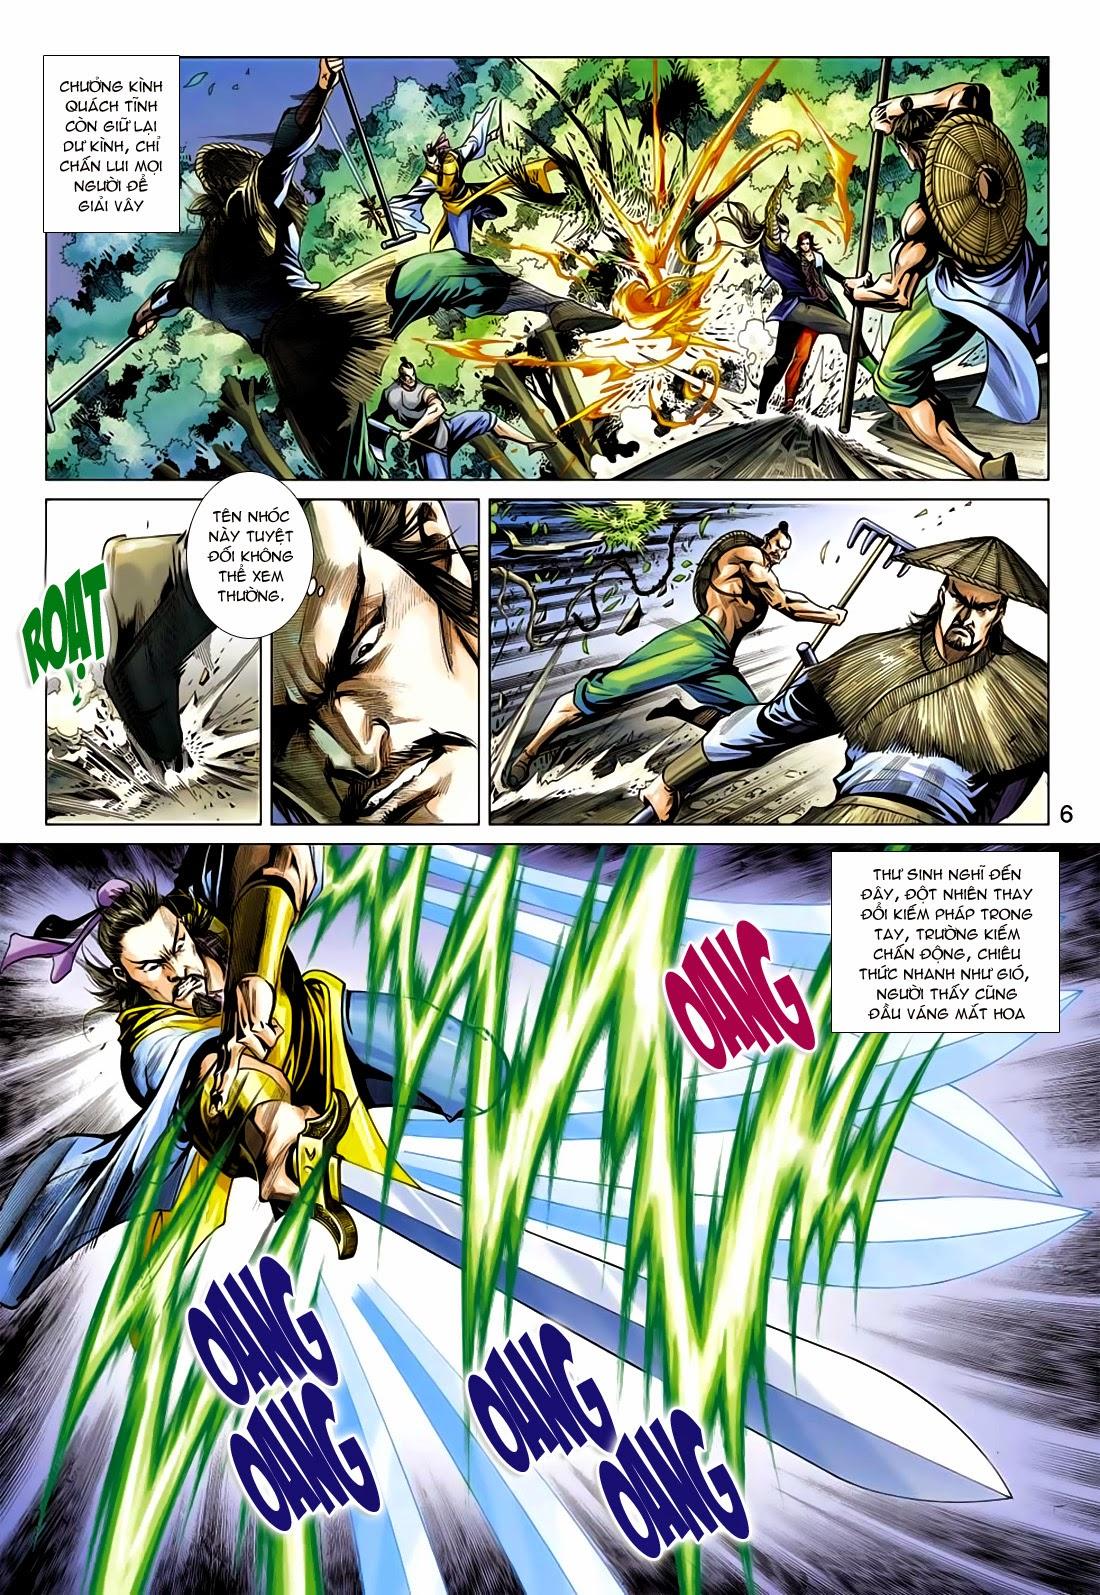 Anh Hùng Xạ Điêu anh hùng xạ đêu chap 75: hoàng thành cựu sự trang 6